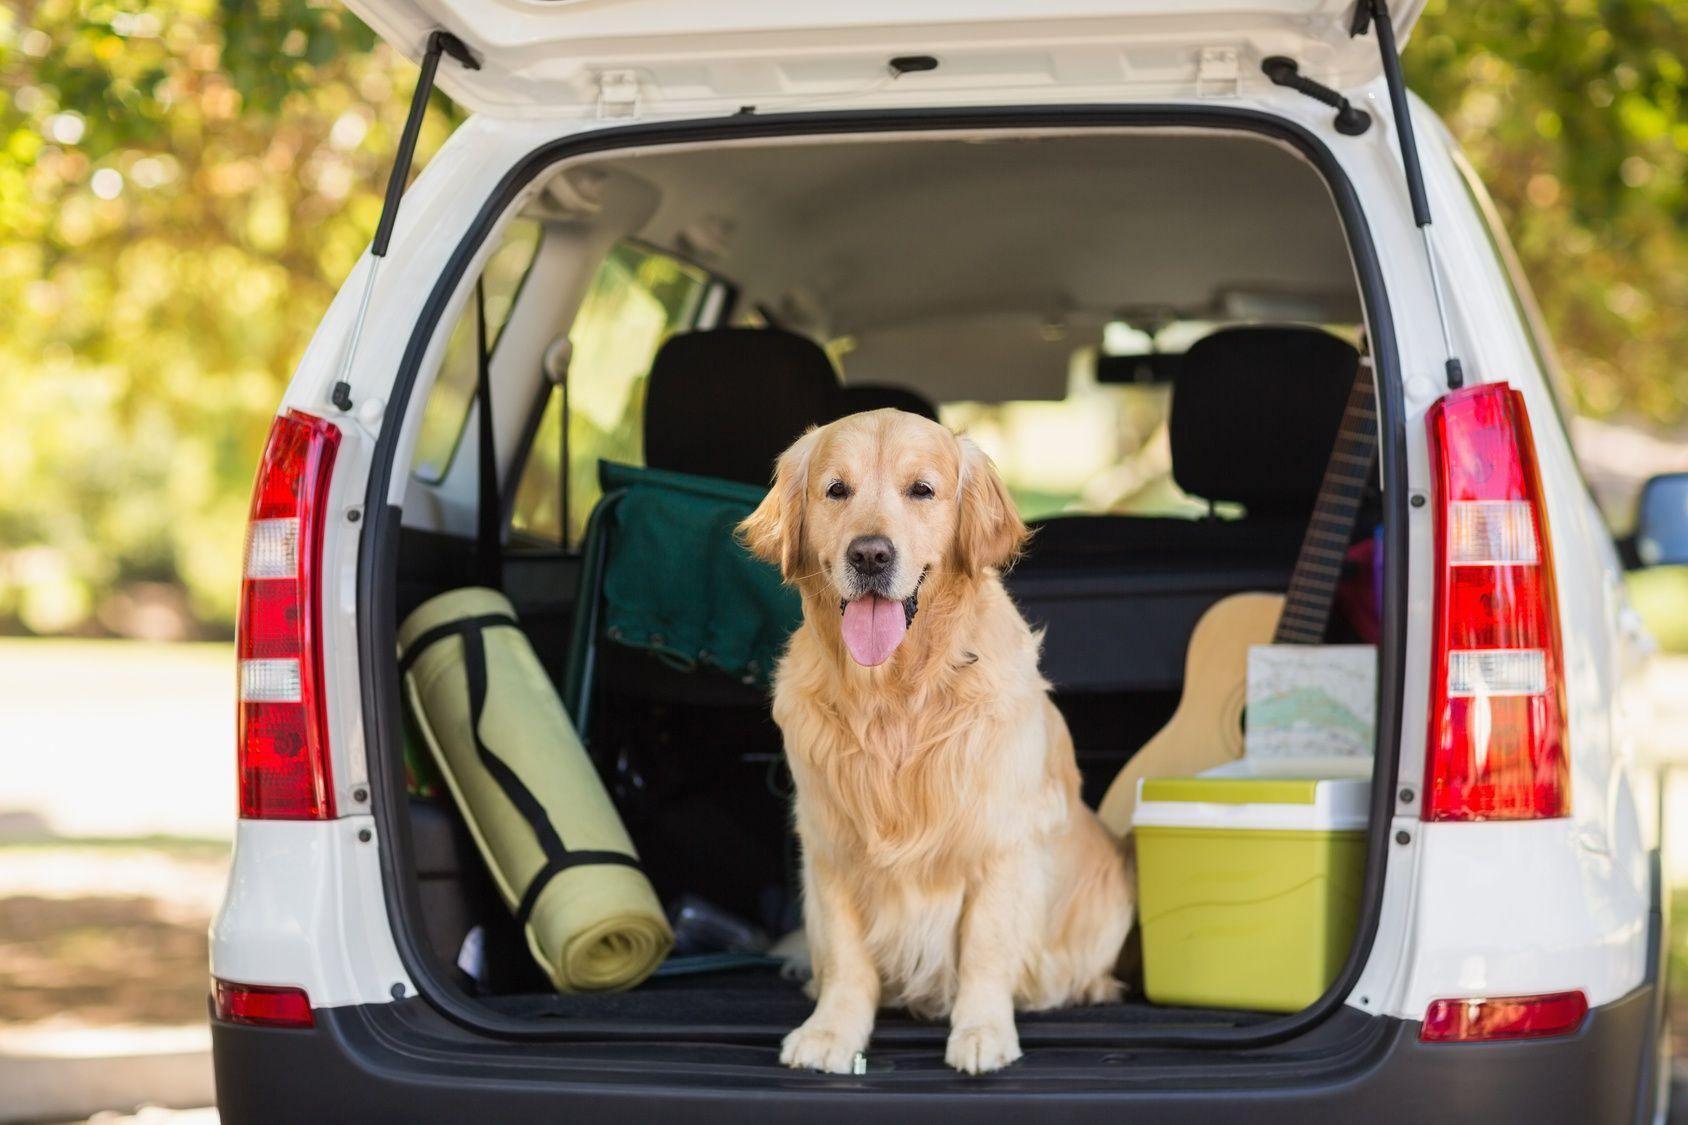 これがあればもっと快適!愛犬とのドライブにおすすめのカーグッズ・アクセサリー4選